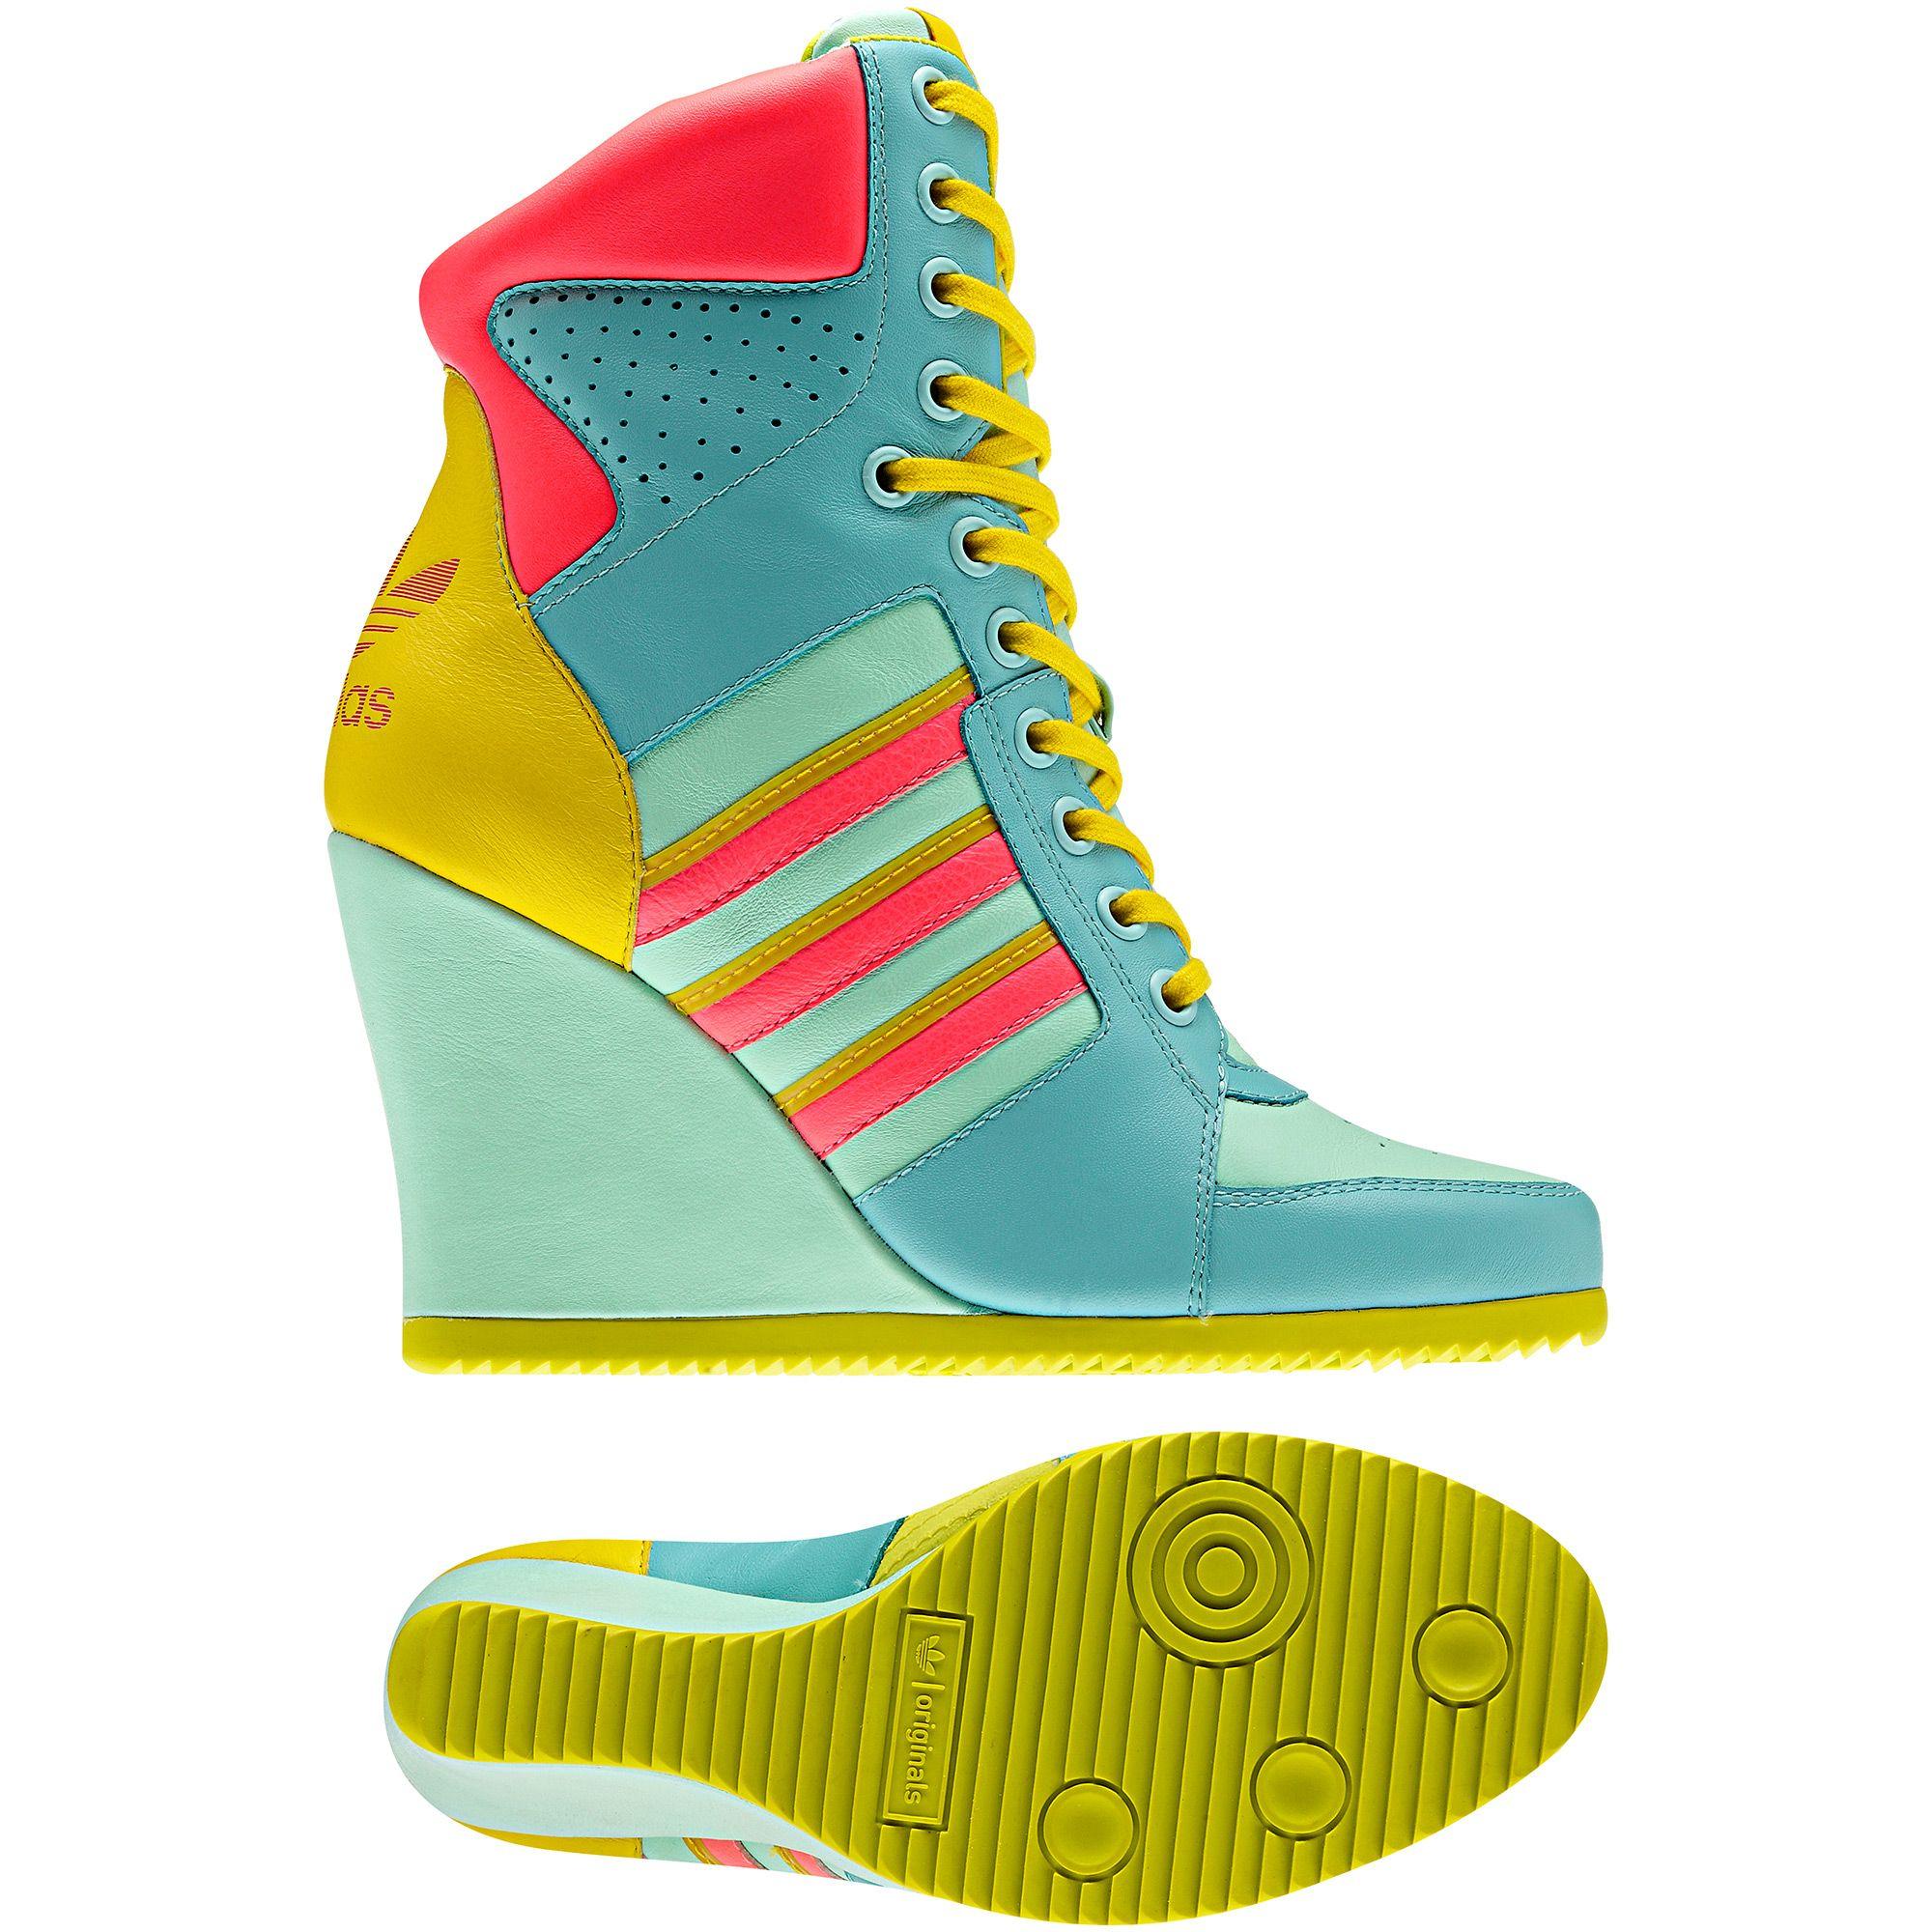 adidas Jeremy Scott Wedge Hi Shoes-Fantastic.